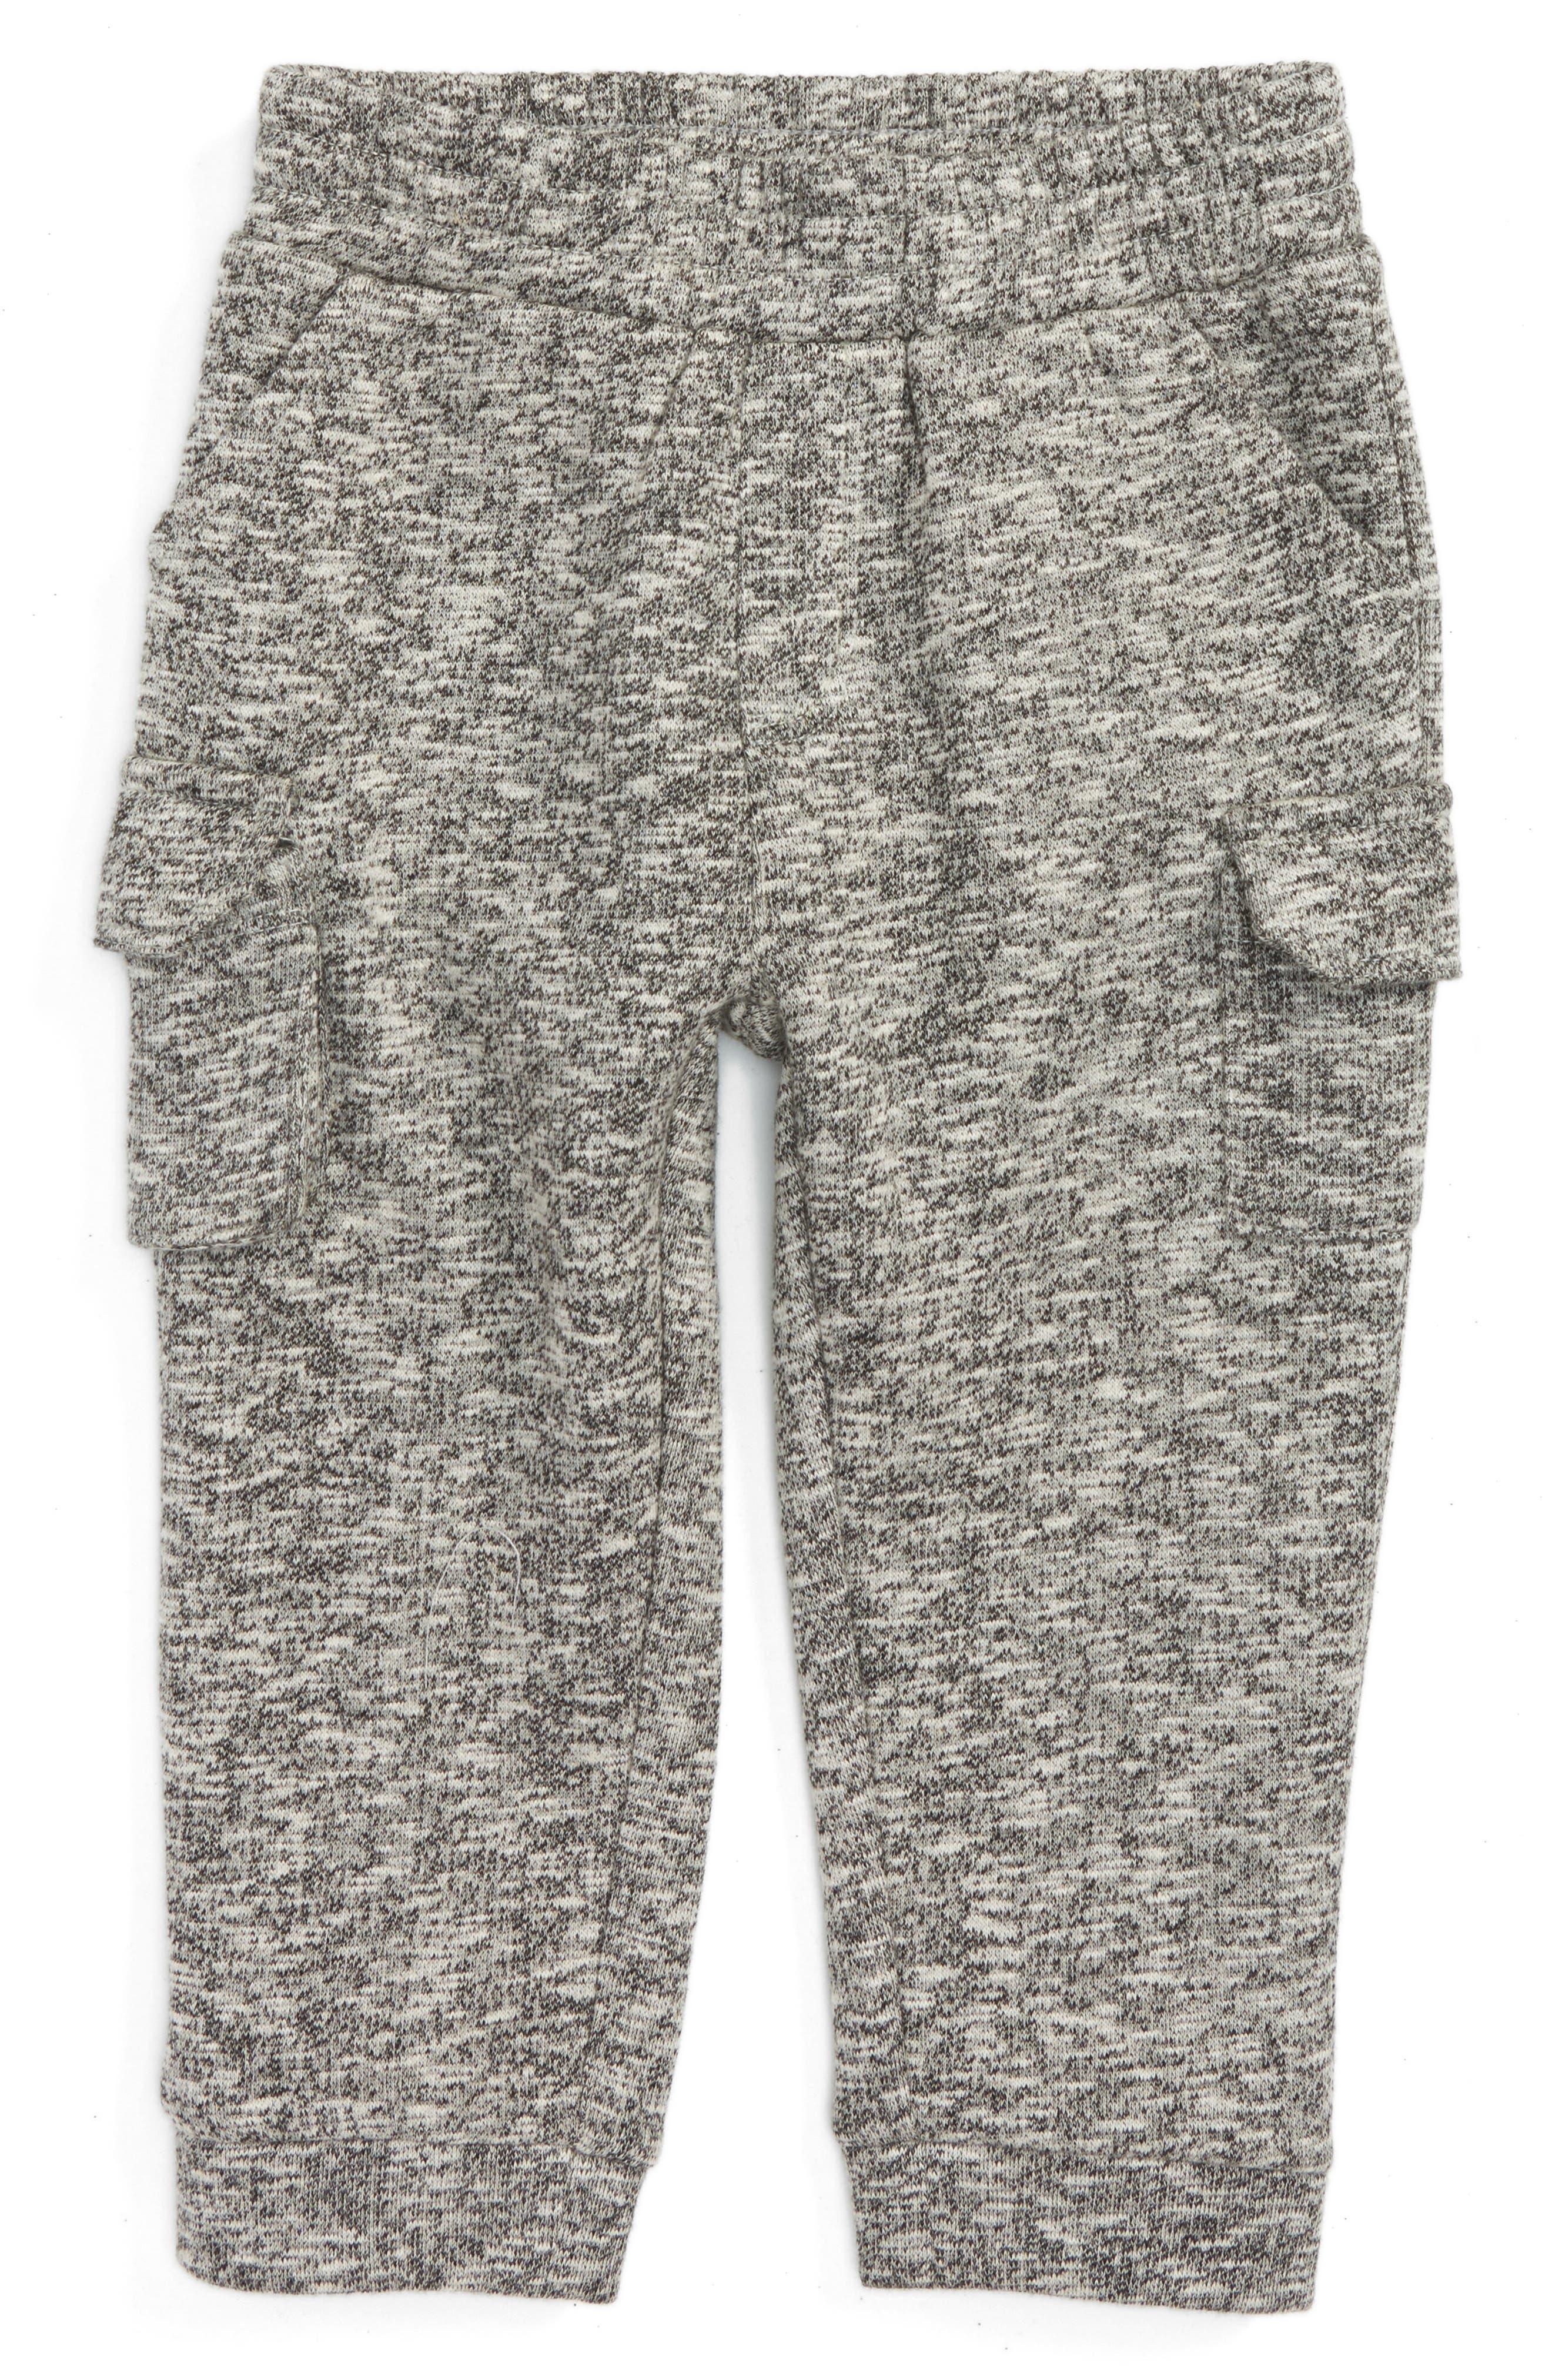 TUCKER + TATE Fleece Jogger Pants